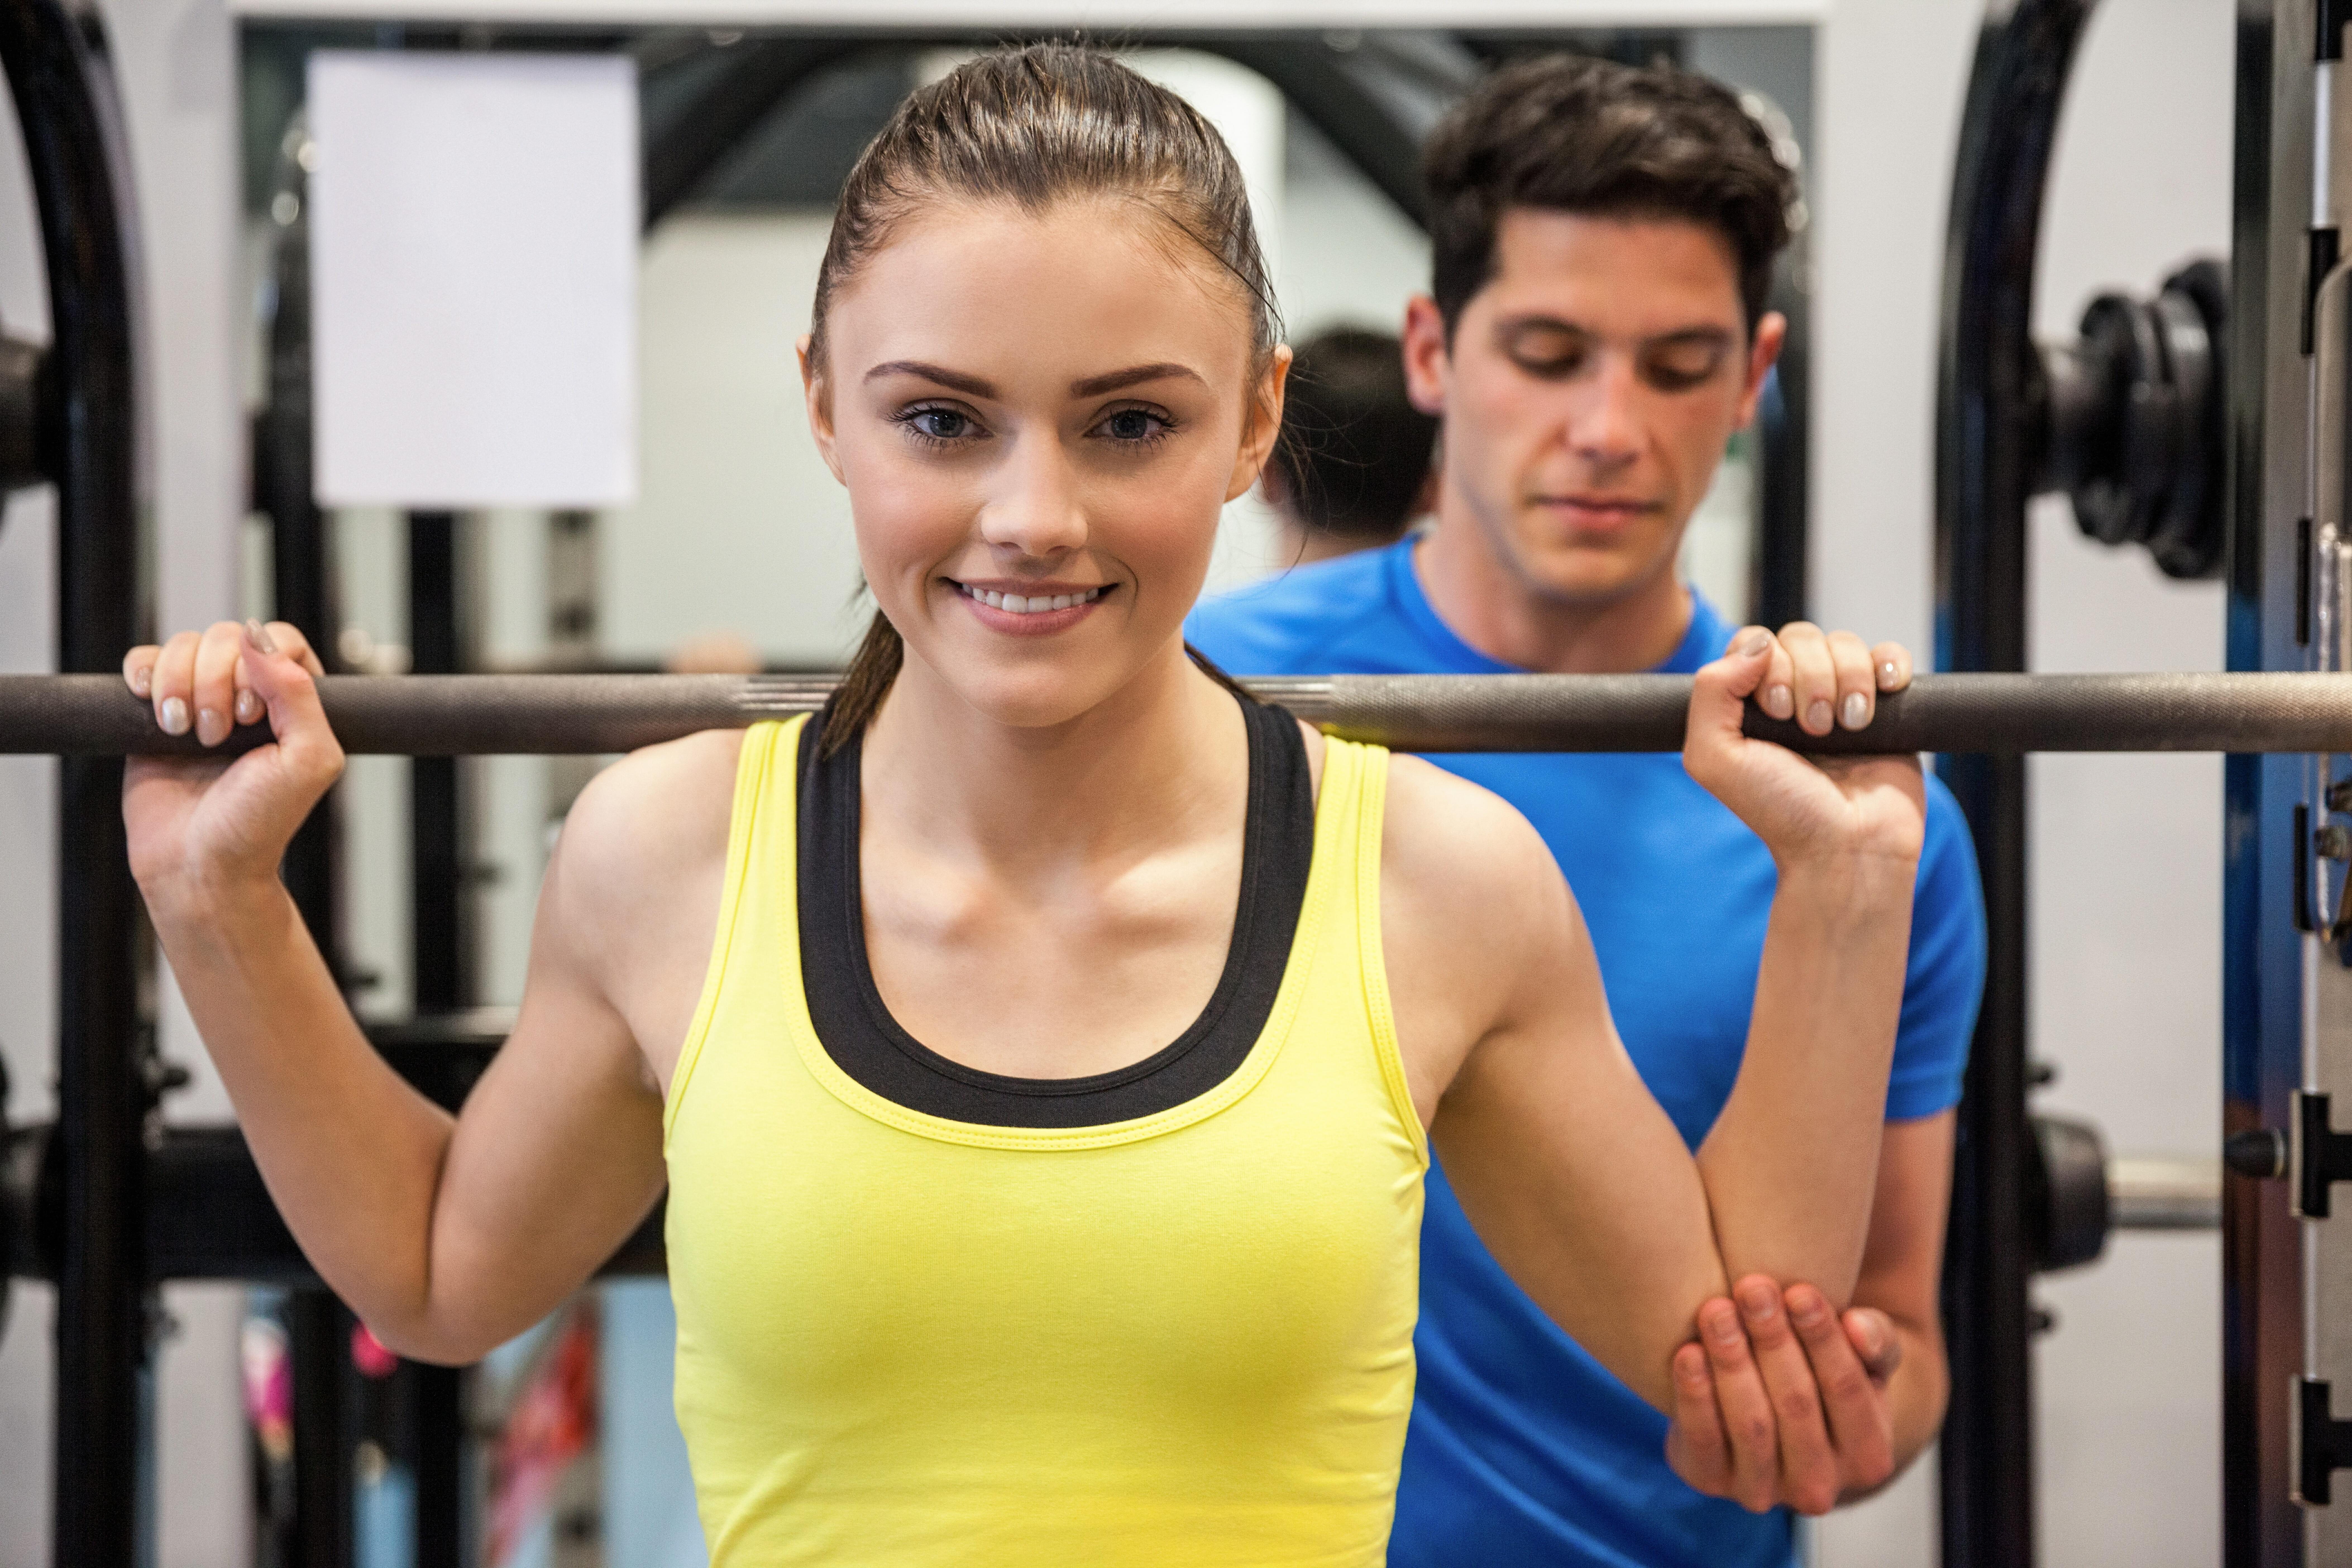 バーベルを持ち上げる女性とトレーナー